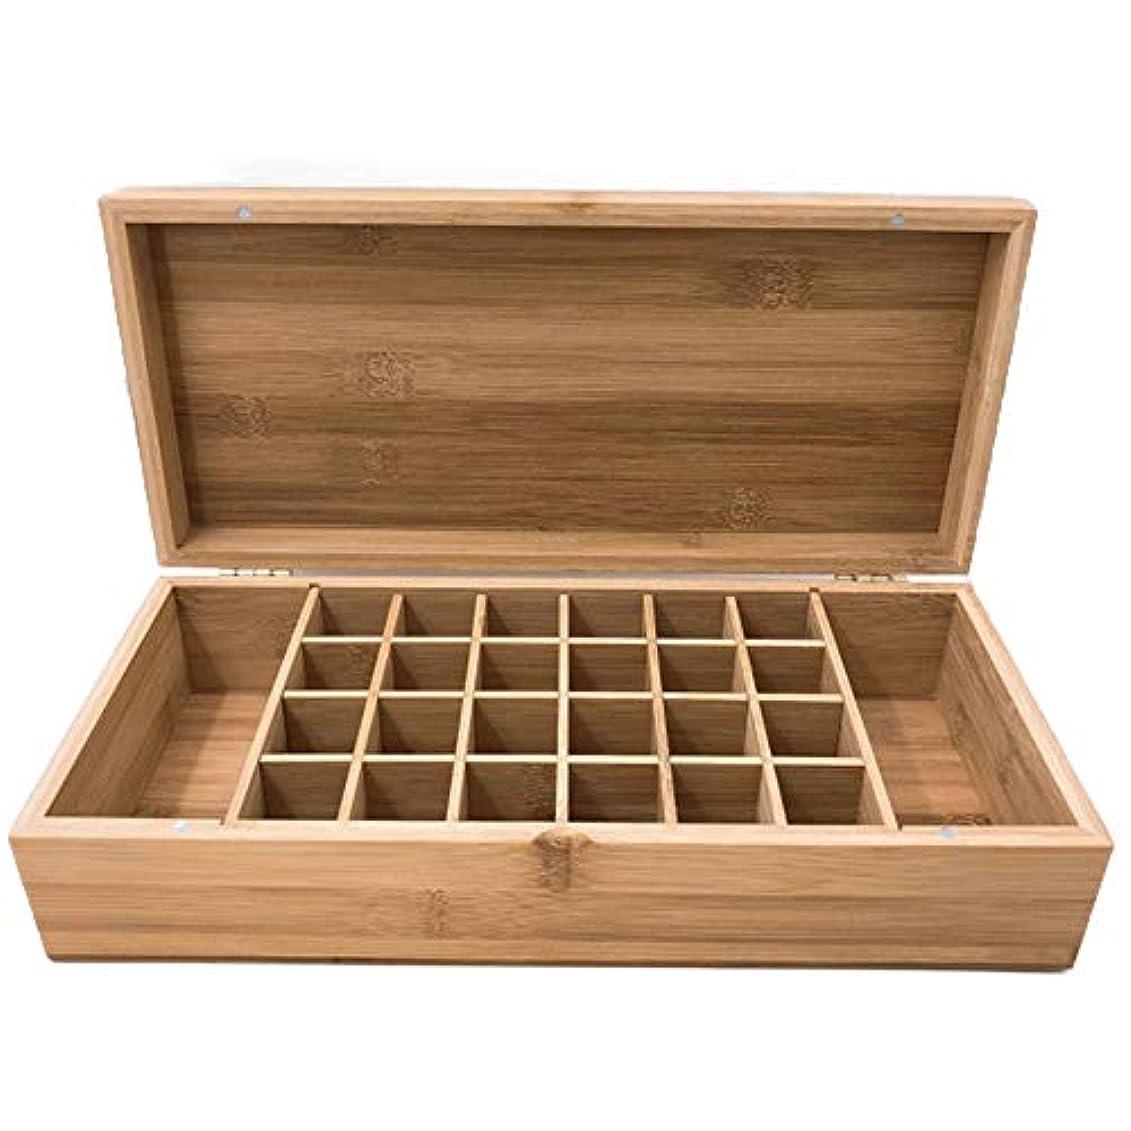 アロマセラピー油ボトル用エッセンシャルオイルストレージボックス26スロットは木製主催キャリングケース アロマセラピー製品 (色 : Natural, サイズ : 33.5X15X8.3CM)